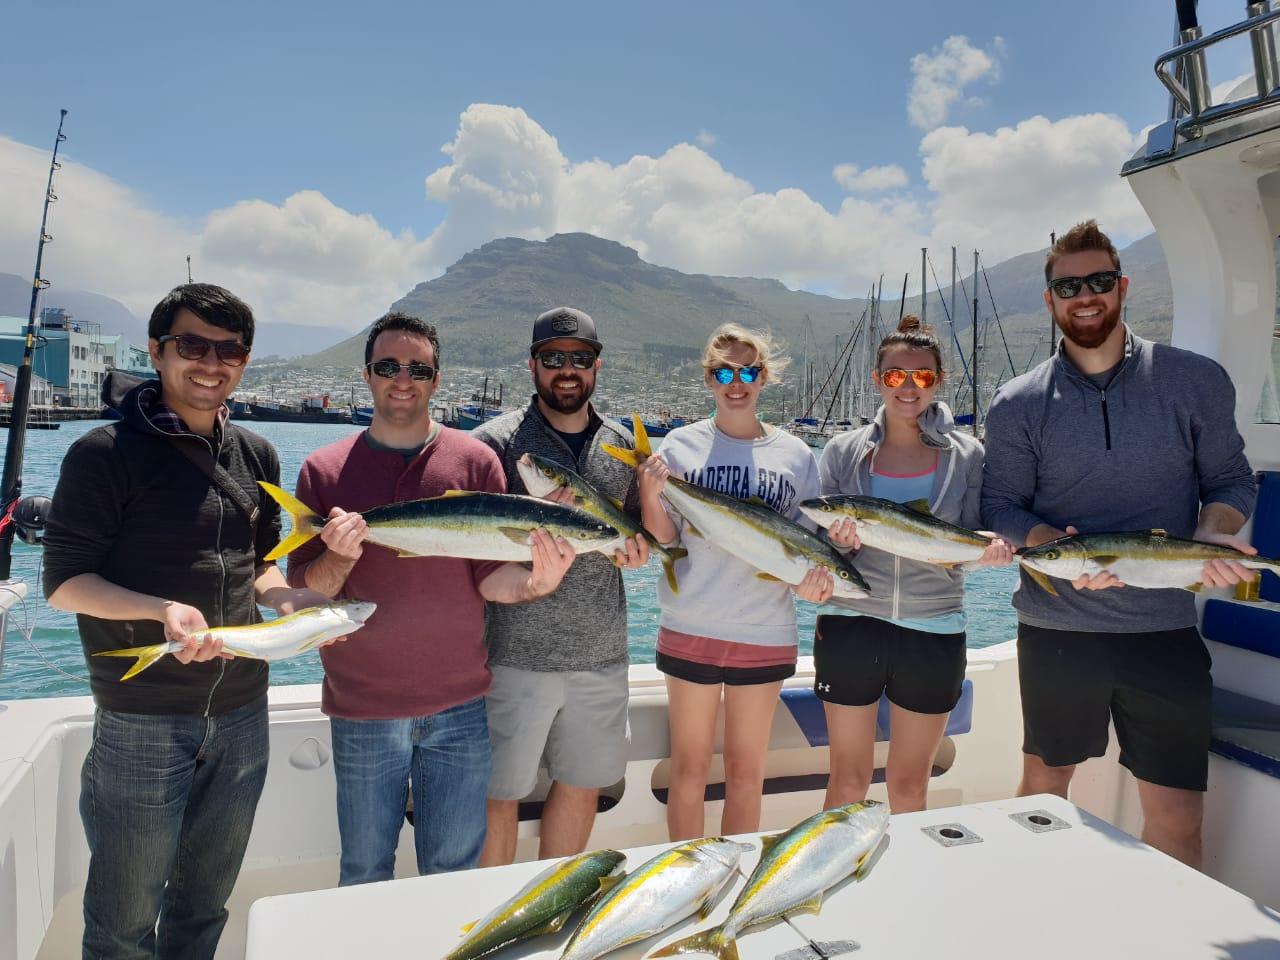 Yellowtail Fishing Charter Hout Bay Cape Town Fishing Charters